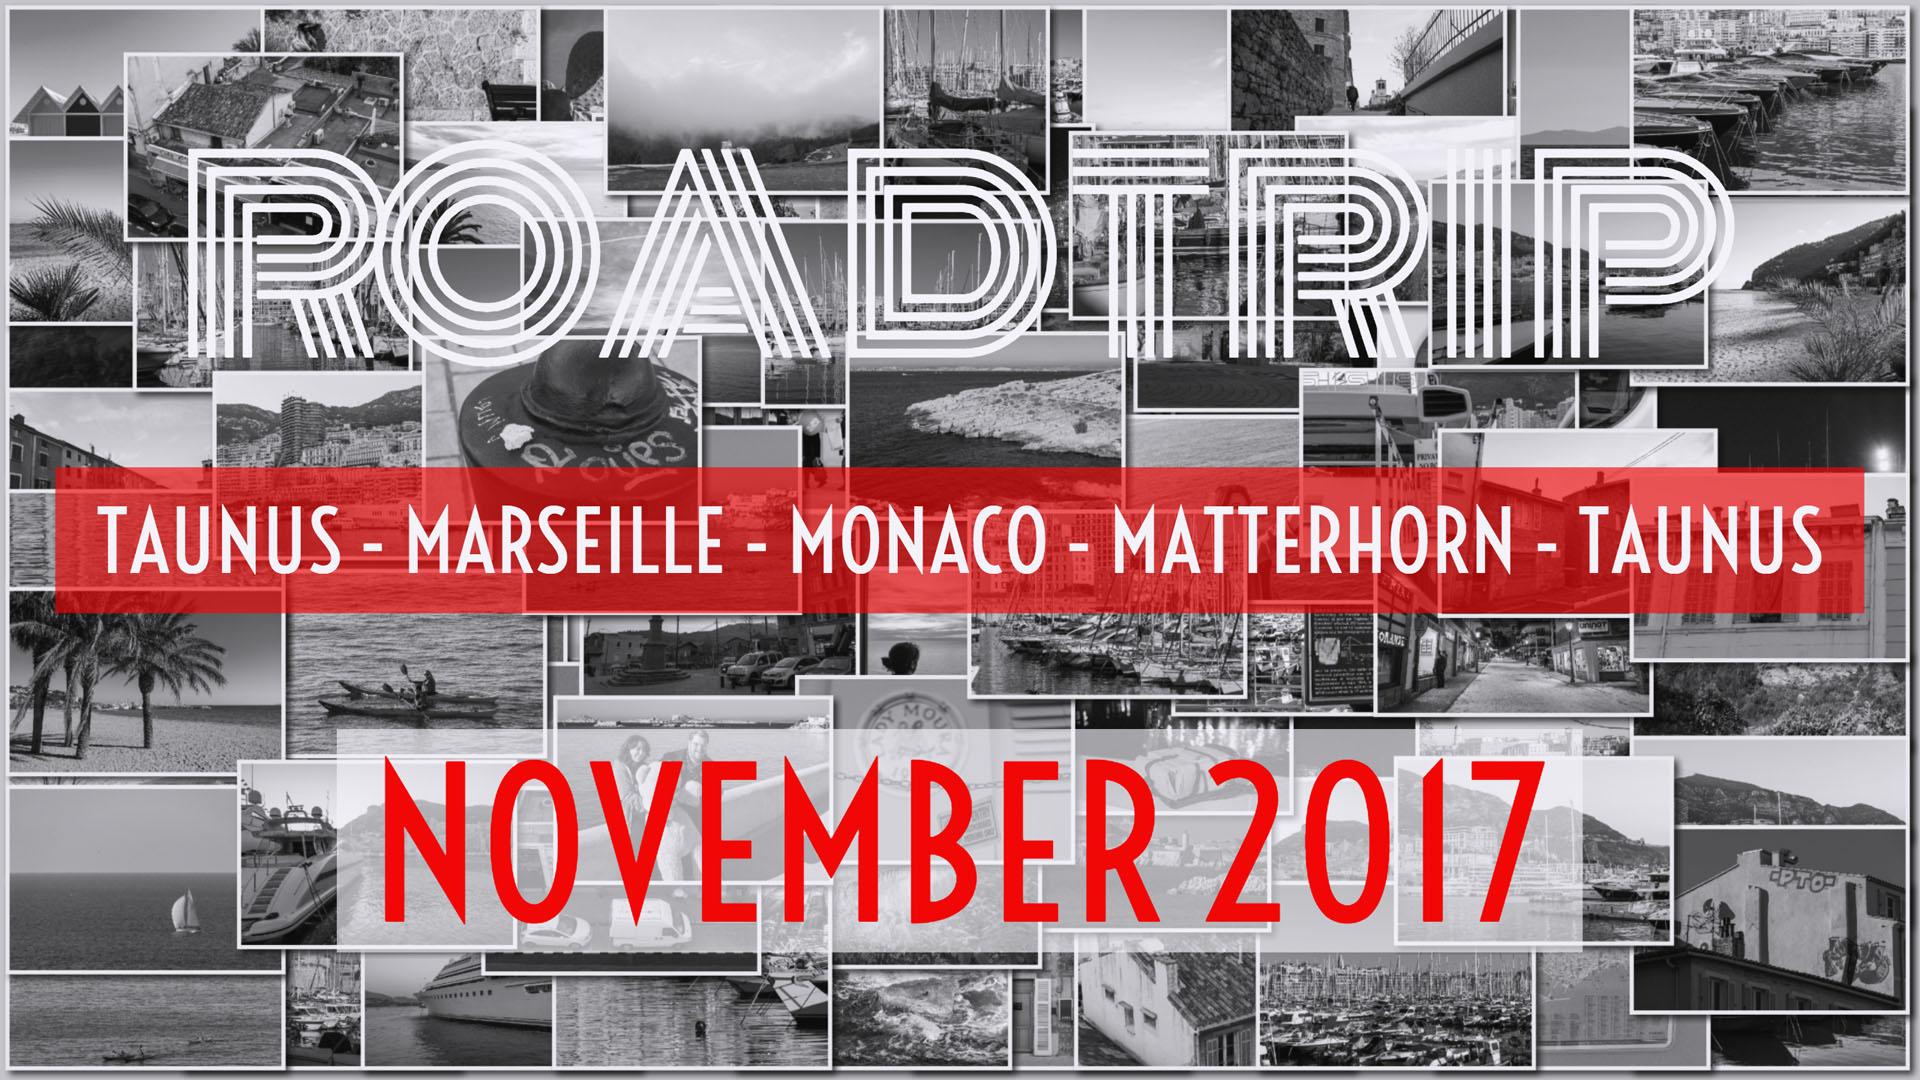 Impressionen vom Roadtrip – Taunus – Marseille – Côte d'Azur – Monaco – Matterhorn – Taunus